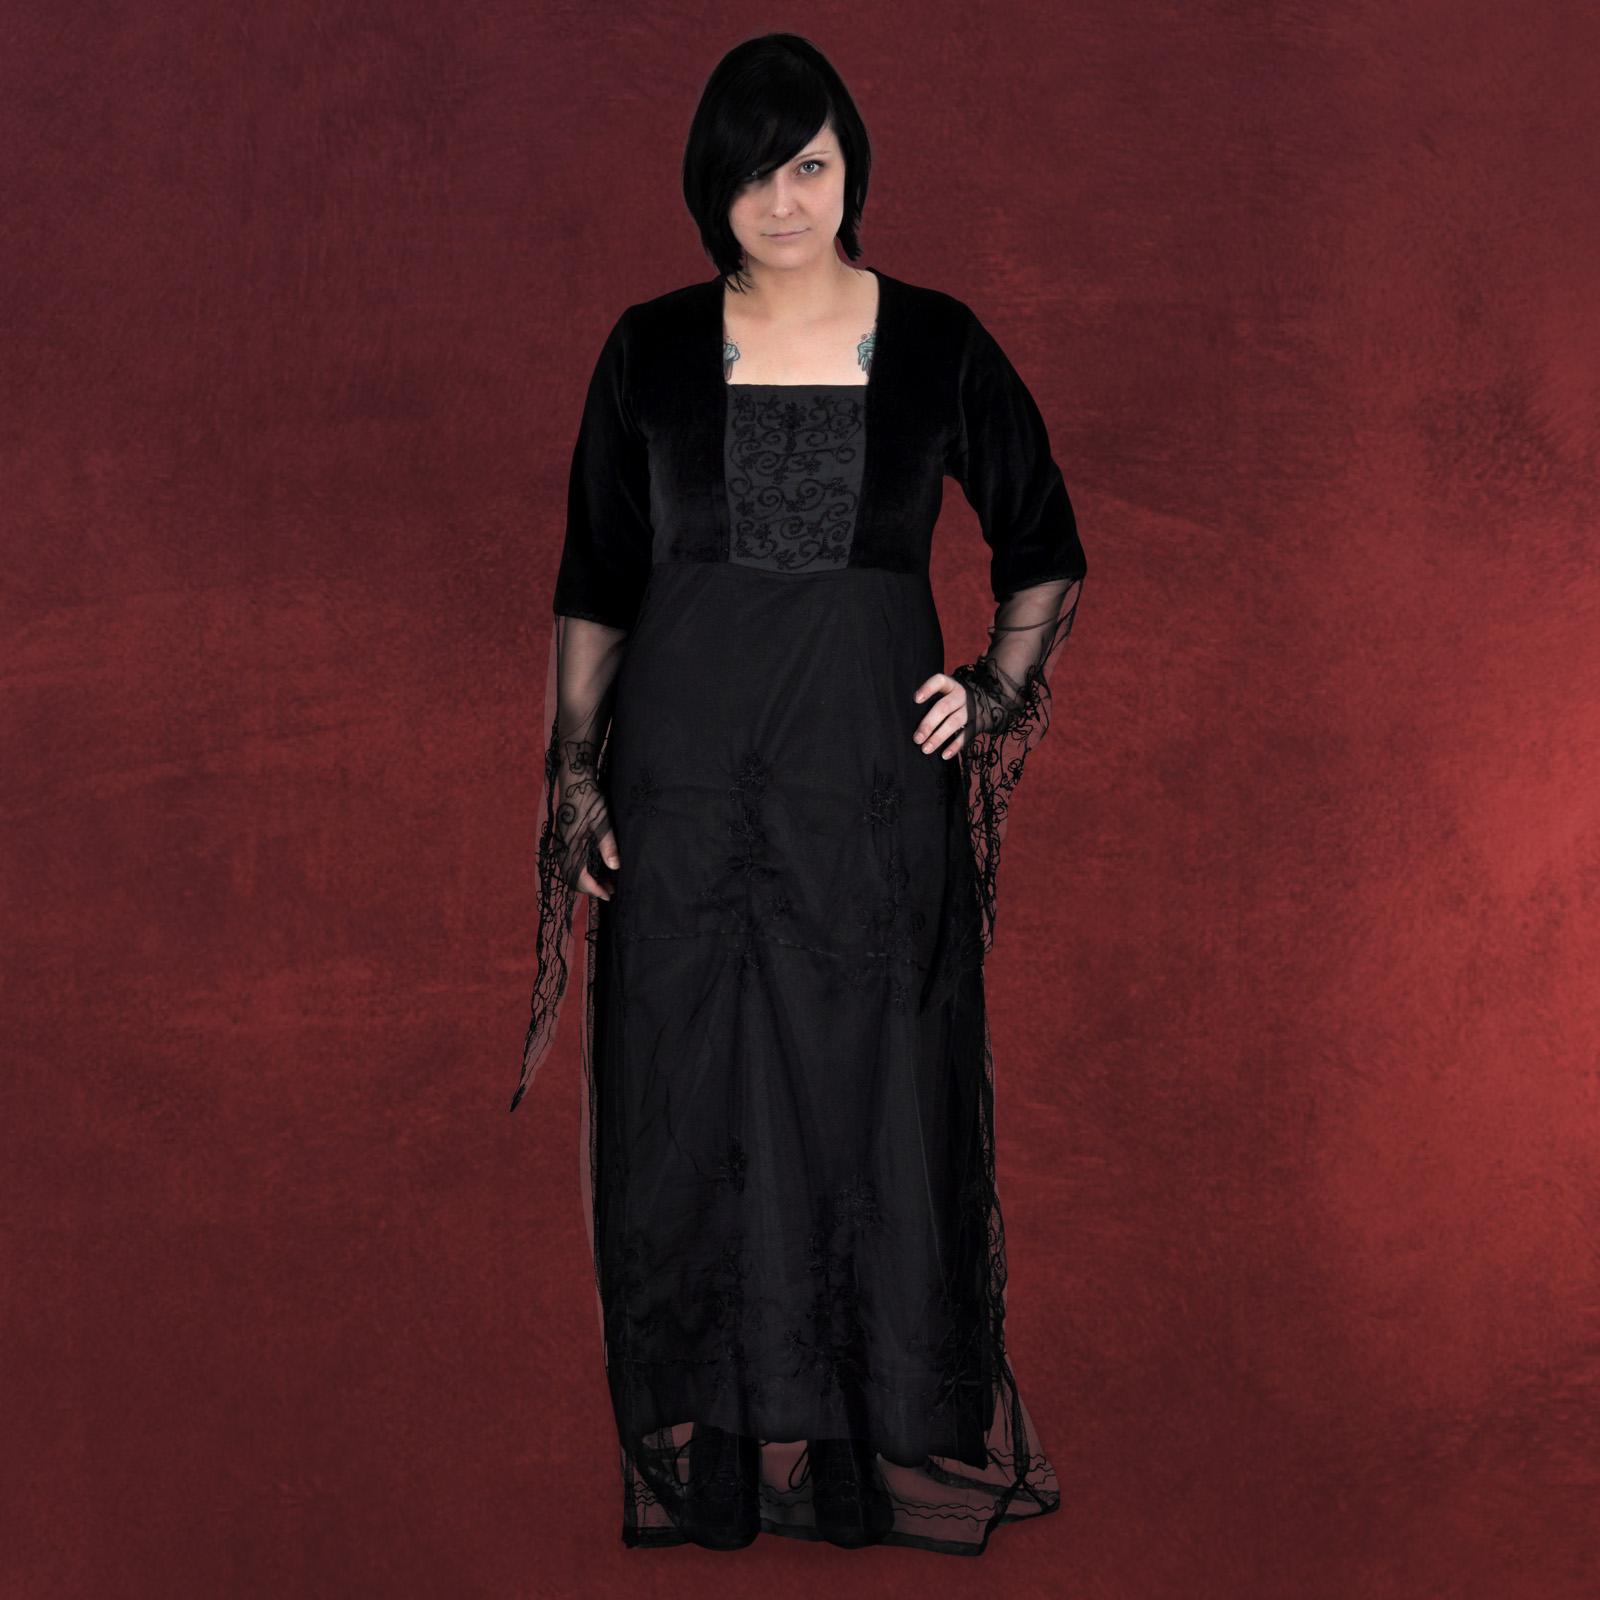 mittelalter gewand damen gothic kleid schwarz bestickt ebay. Black Bedroom Furniture Sets. Home Design Ideas